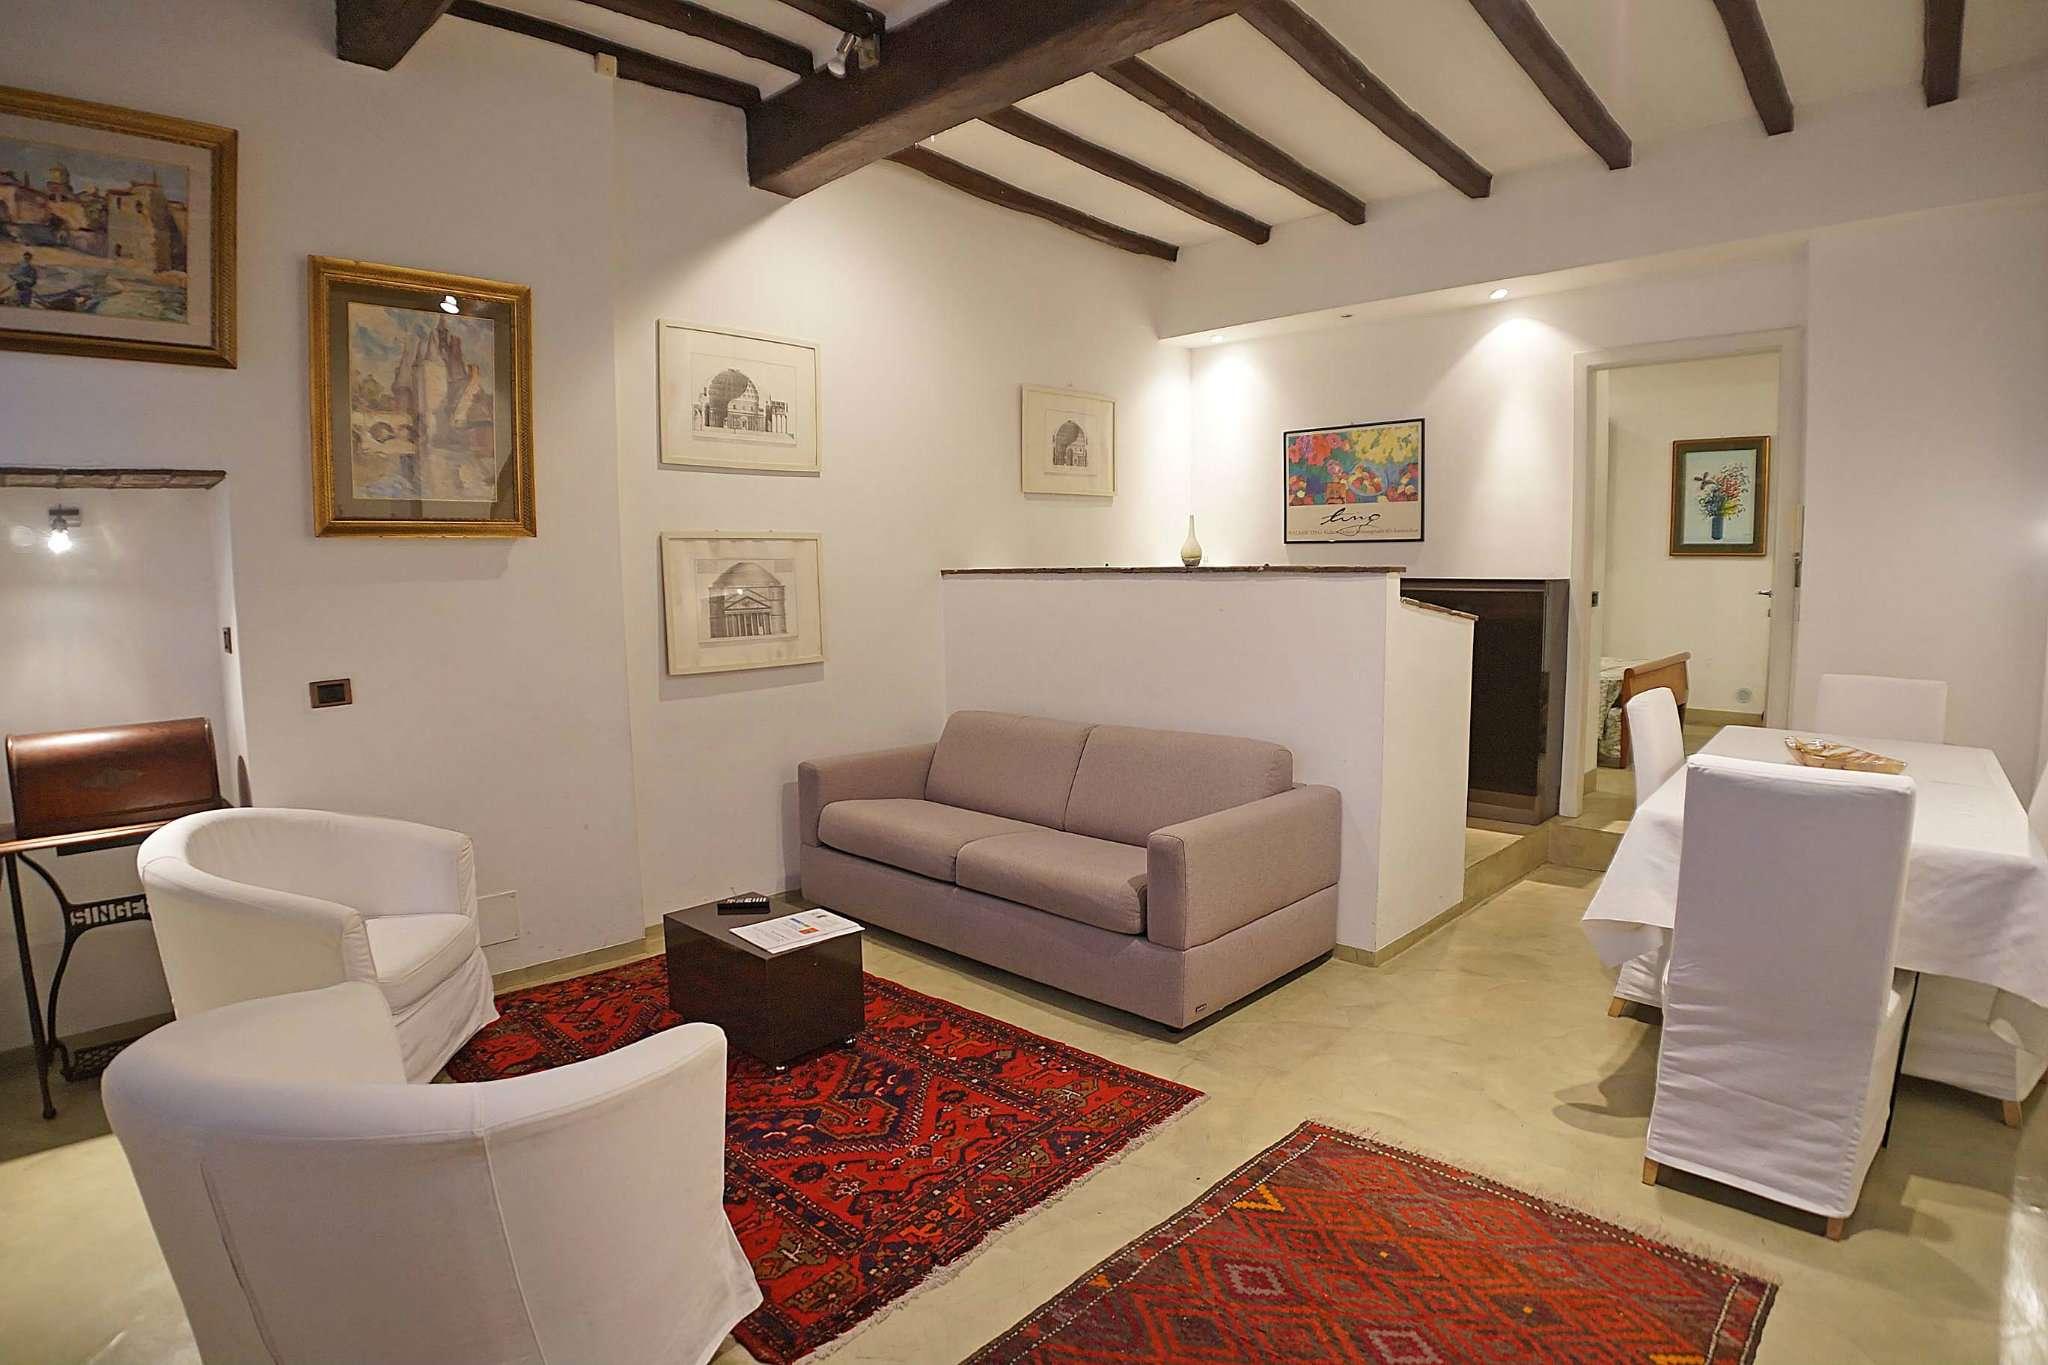 appartamento affitto roma di metri quadrati 52 prezzo 1200 nella zona di centro storico